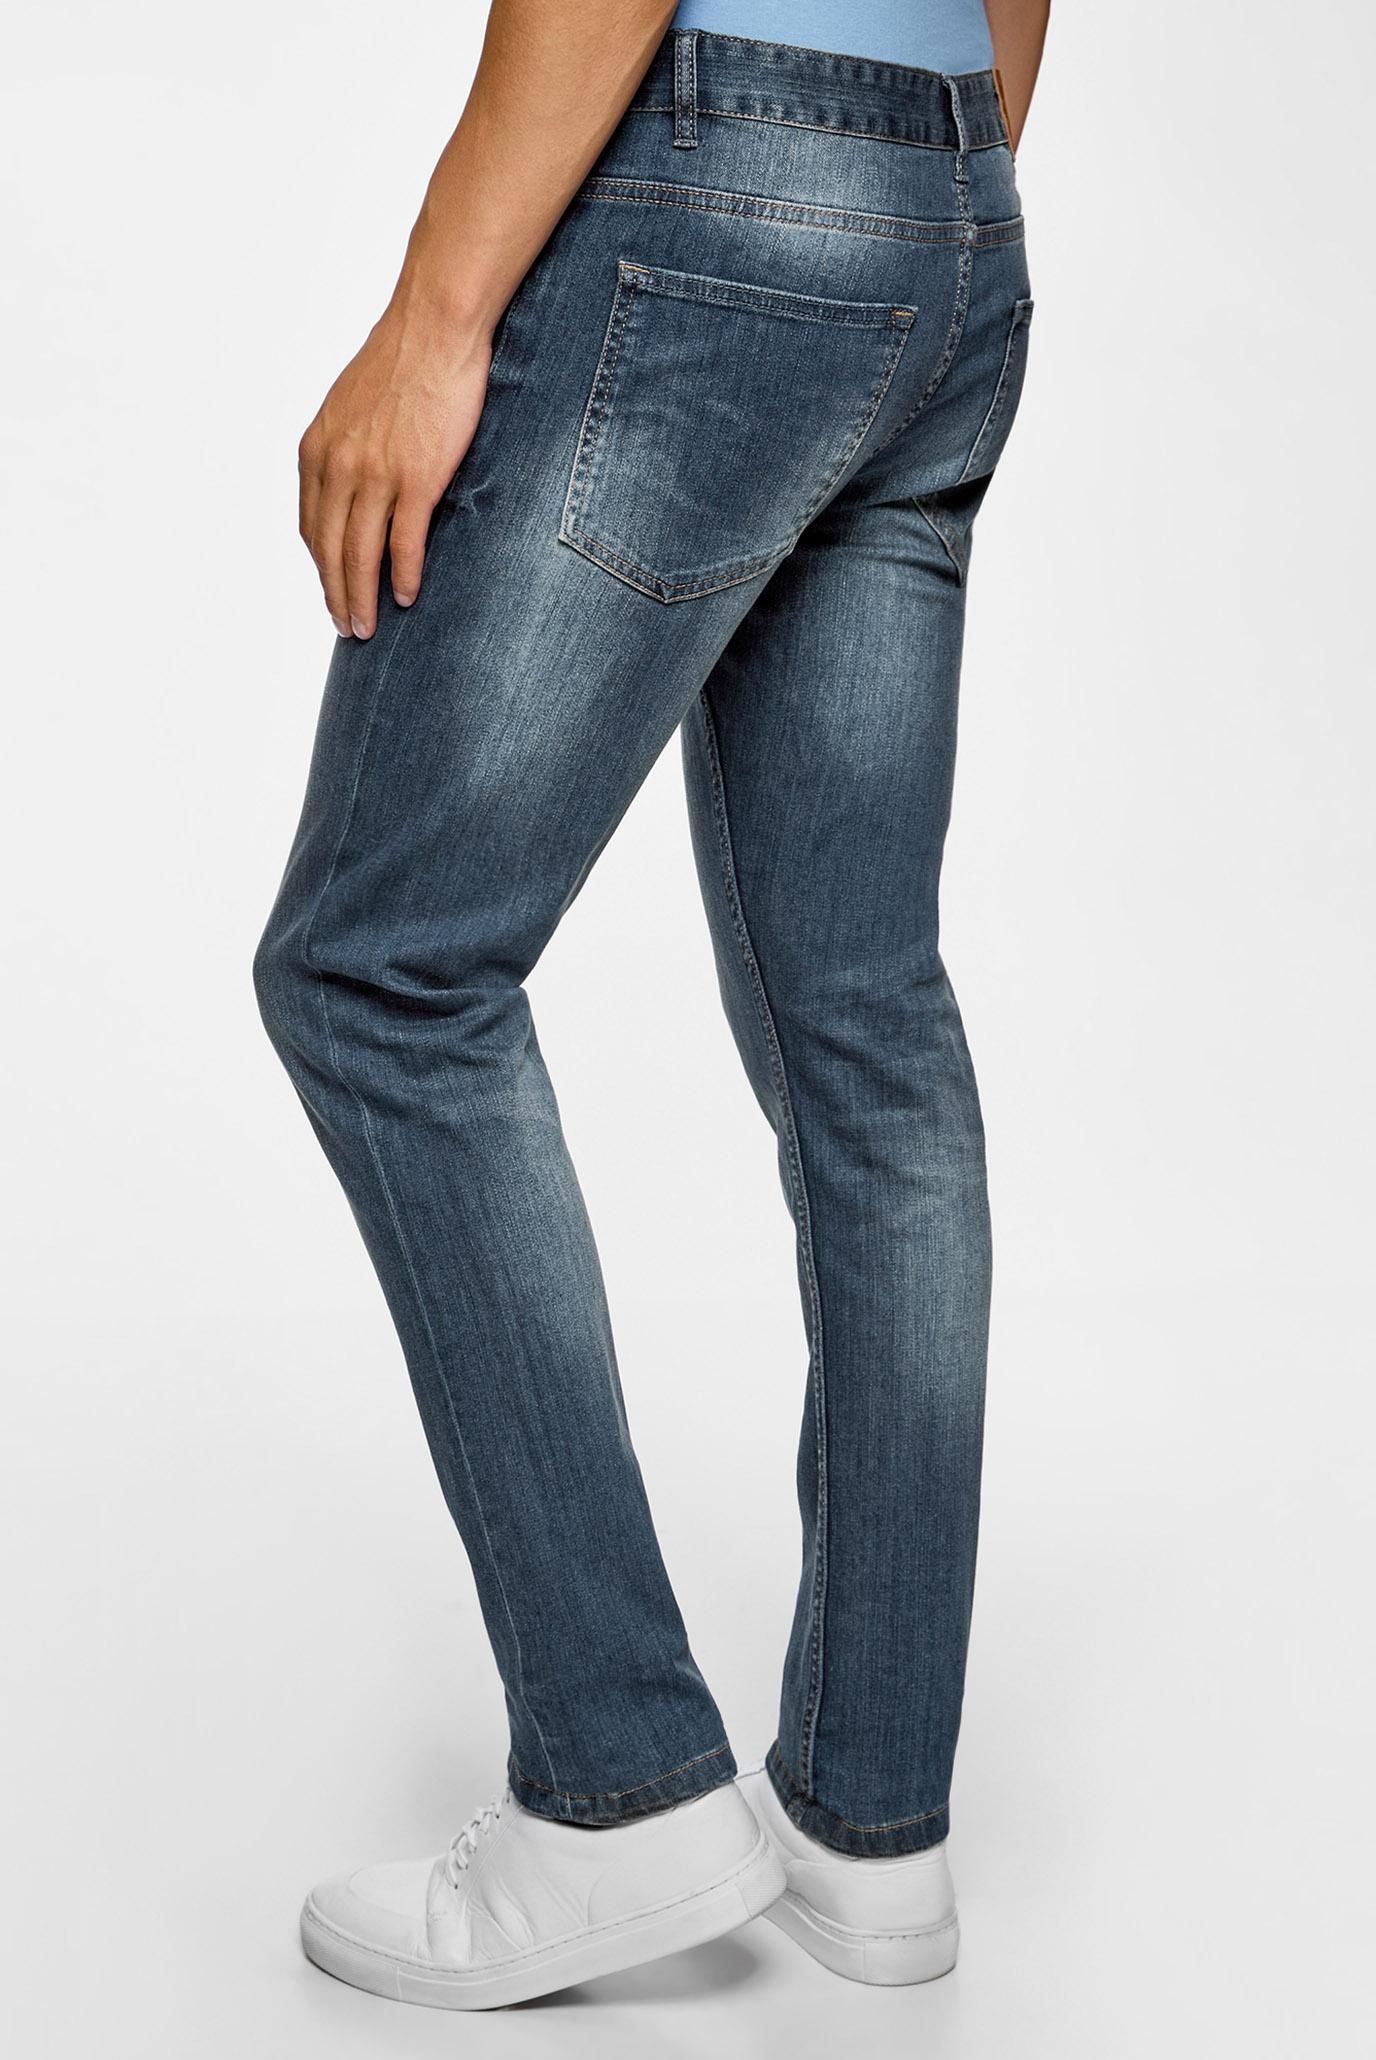 Купить Мужские синие джинсы Skinny Oodji Oodji 6L110048M/45808/7500W – Киев, Украина. Цены в интернет магазине MD Fashion